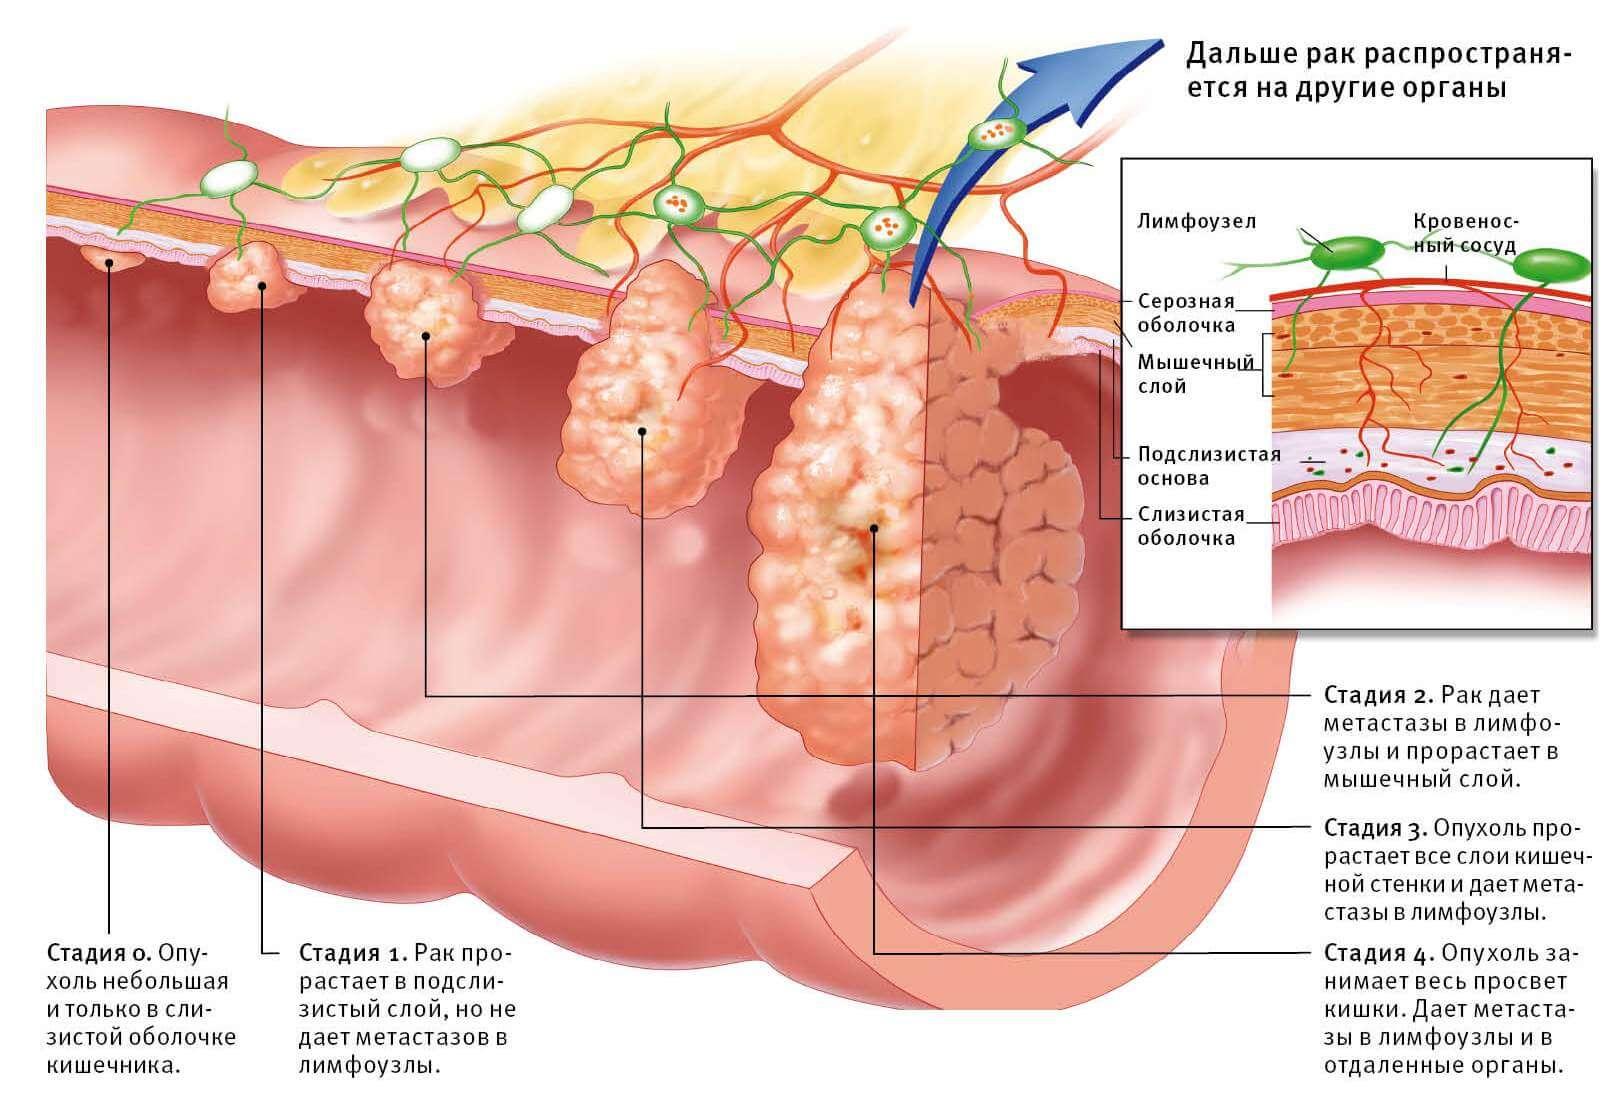 Всё про рак кишечника: первые симптомы, диагностика, стадии, выживаемость